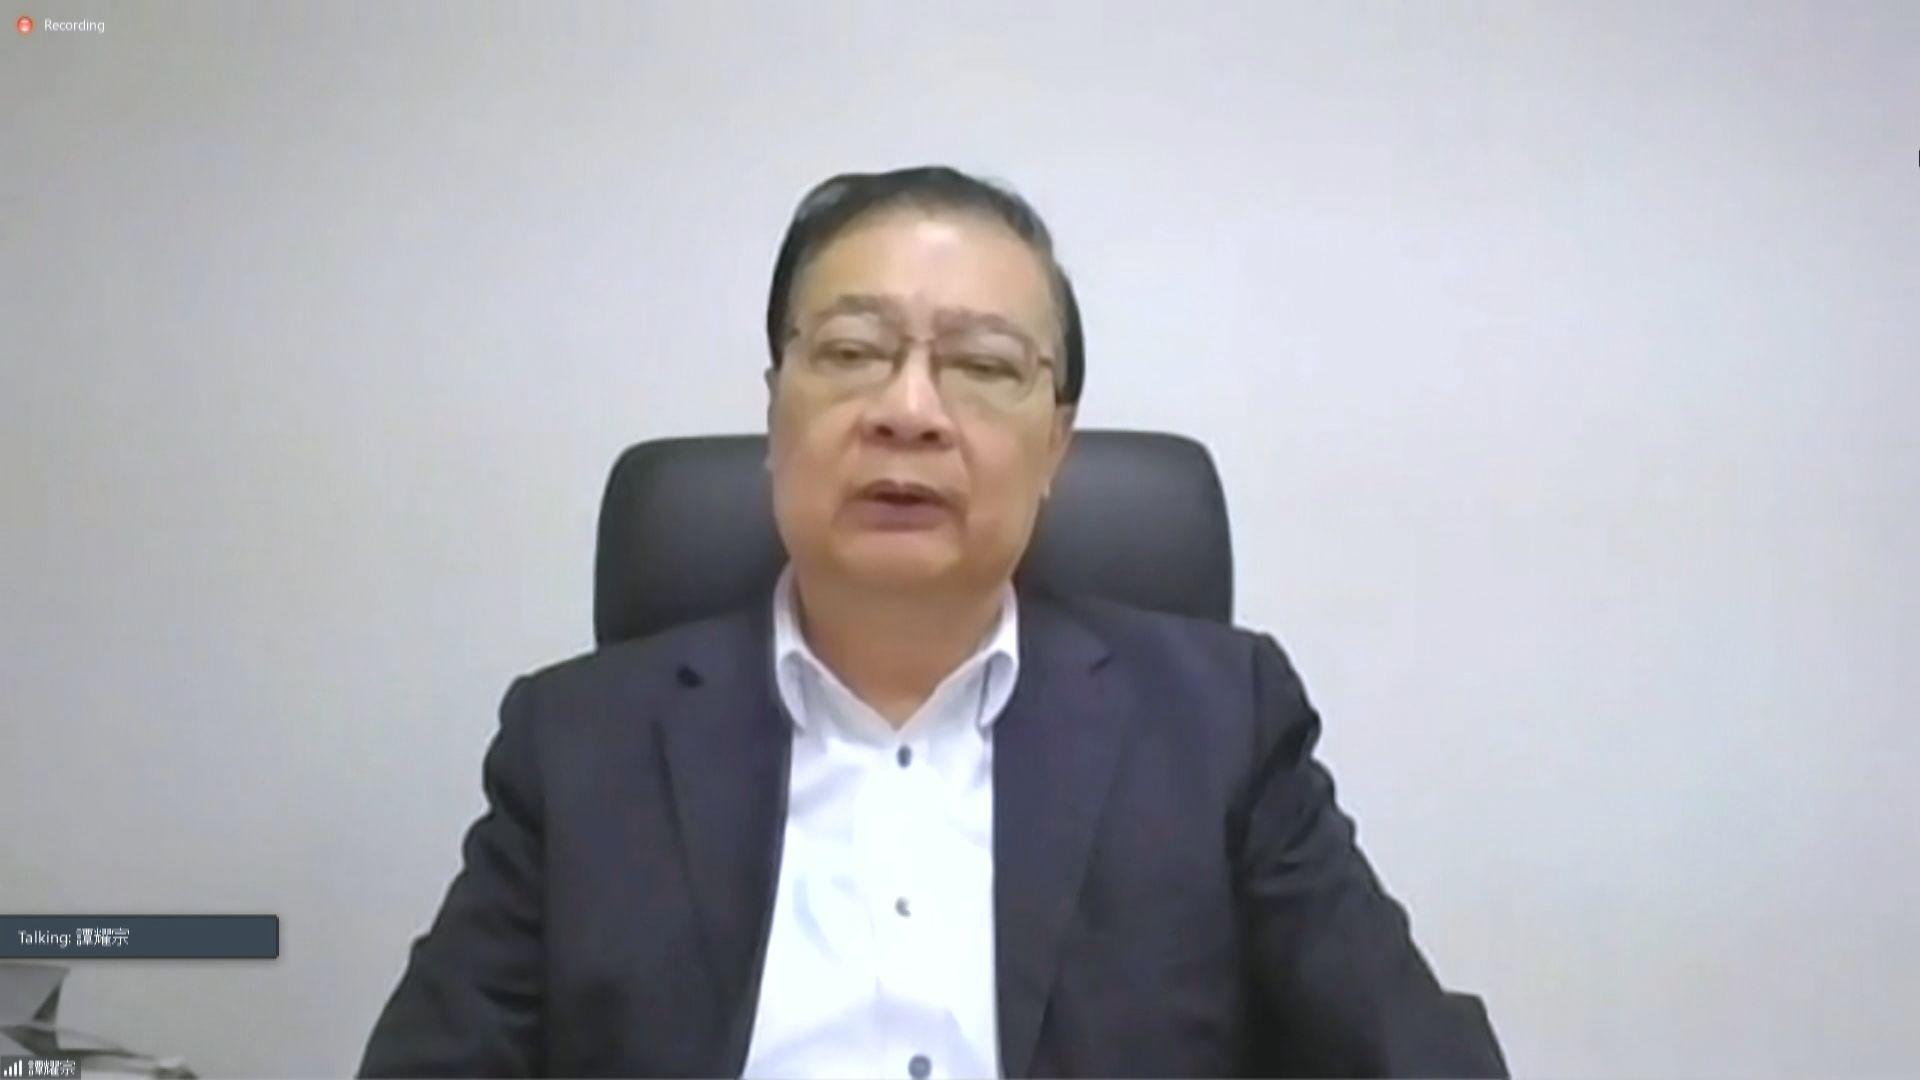 譚耀宗:延任未必須全體七十名議員